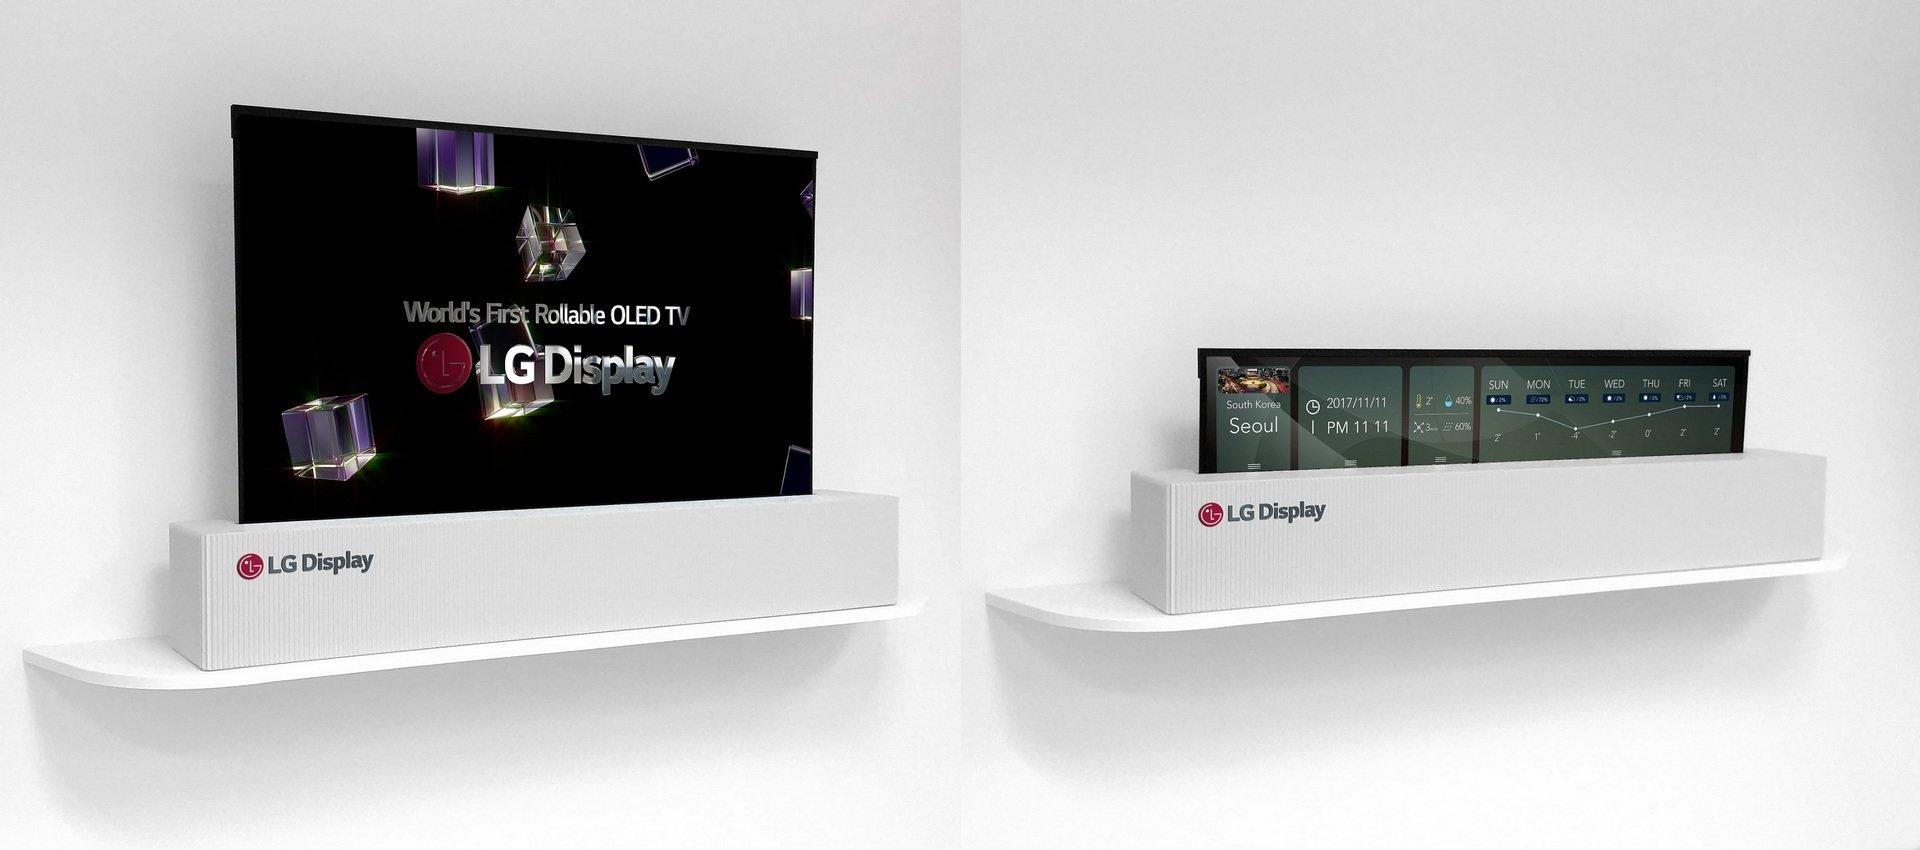 Telewizor przyszłości zwijany w rulon od LG Display ujrzał światło dzienne